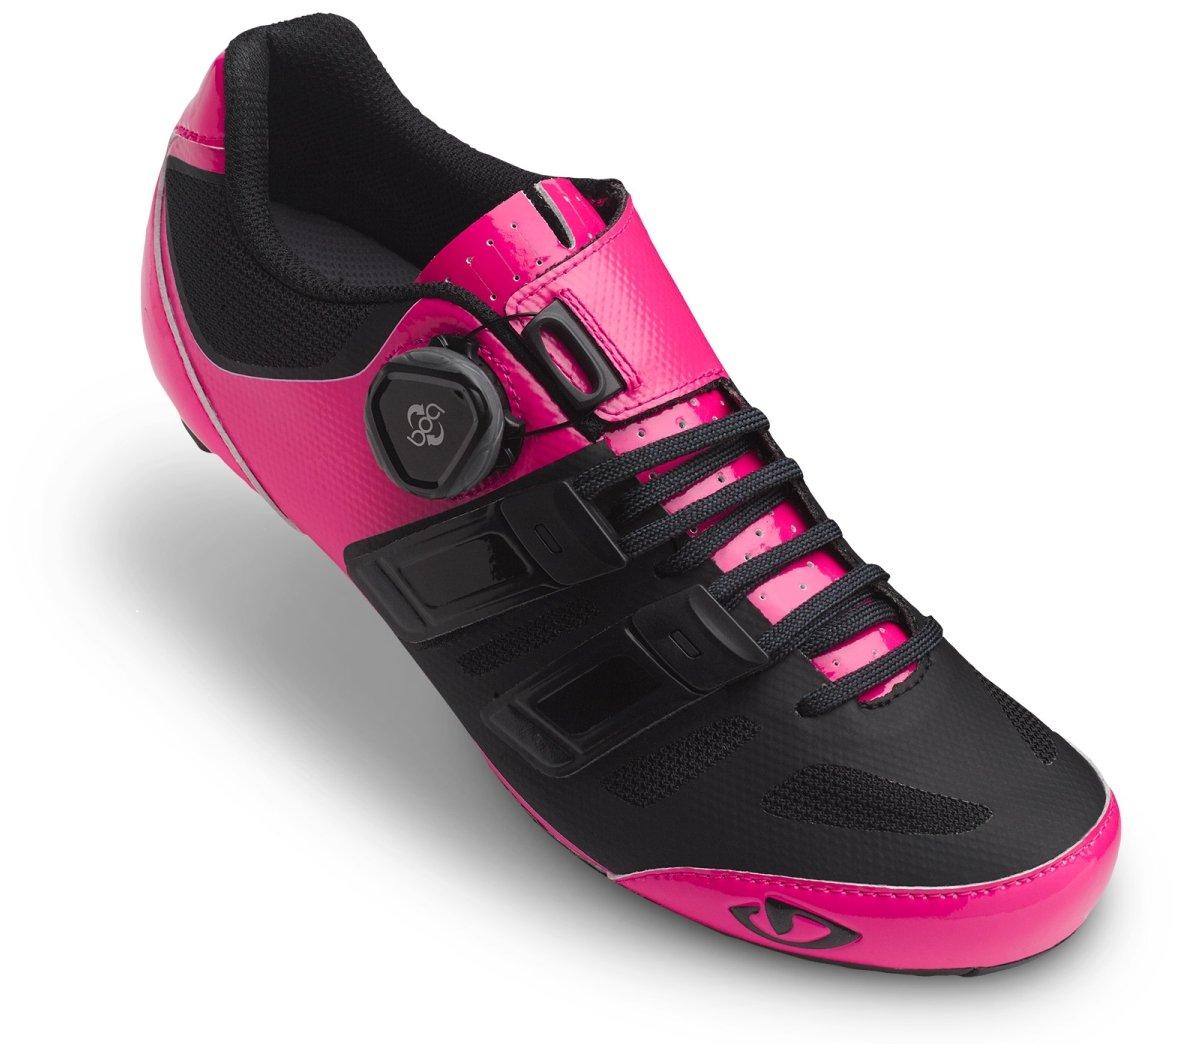 Giro Raes Techlace Cycling Shoe - Women's Bright Pink/Black 39 by Giro